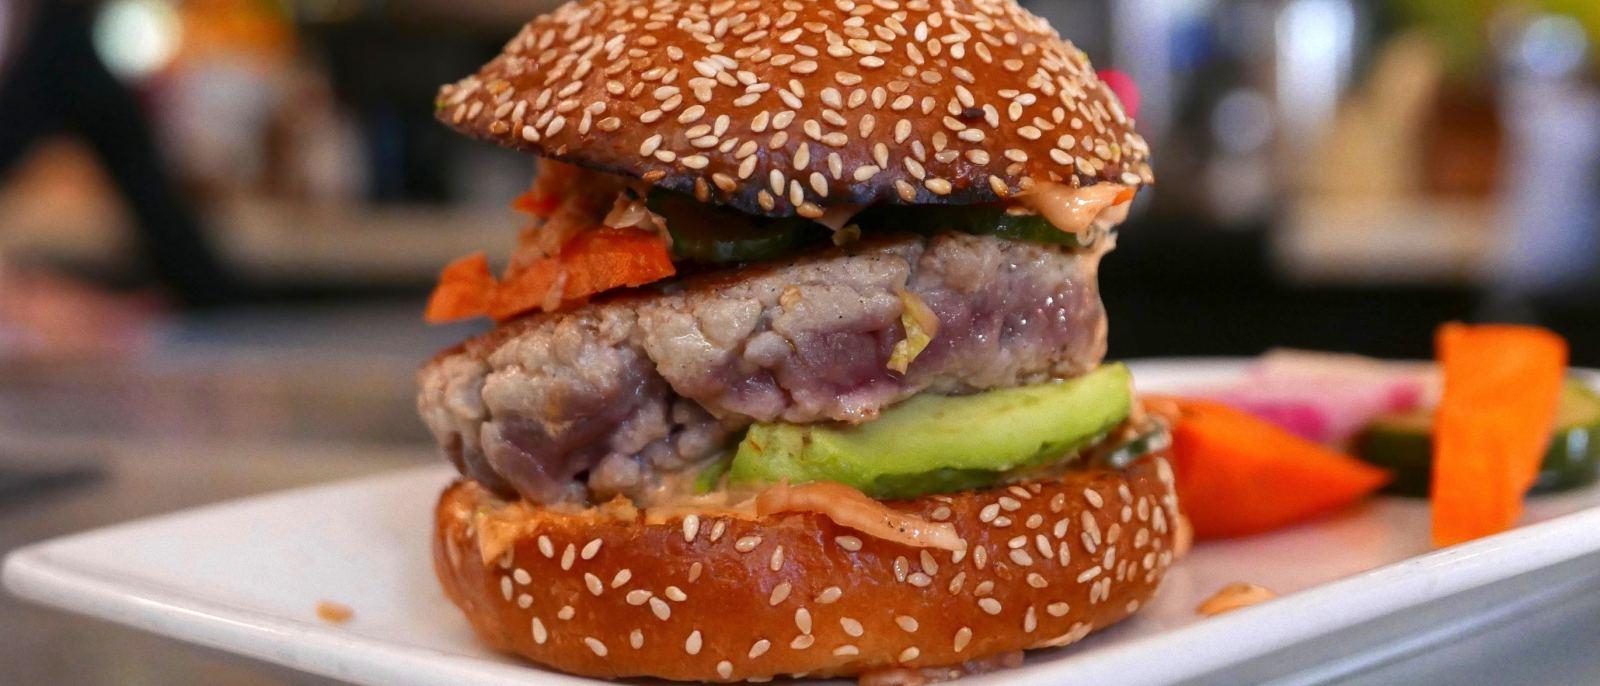 Ahi burger at The Misfit